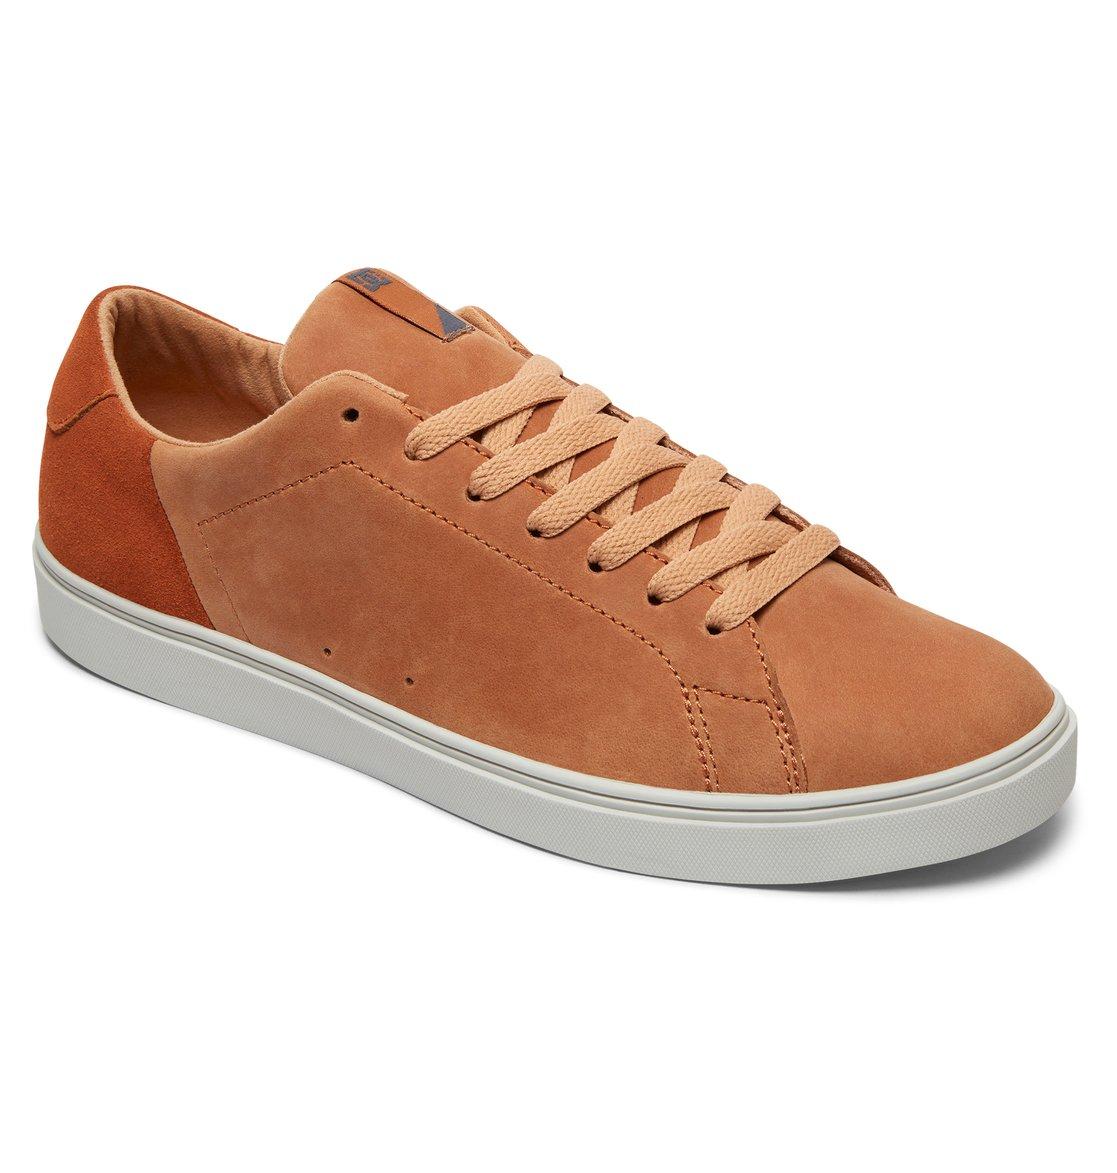 reprieve se schoenen adys100415 dc shoes